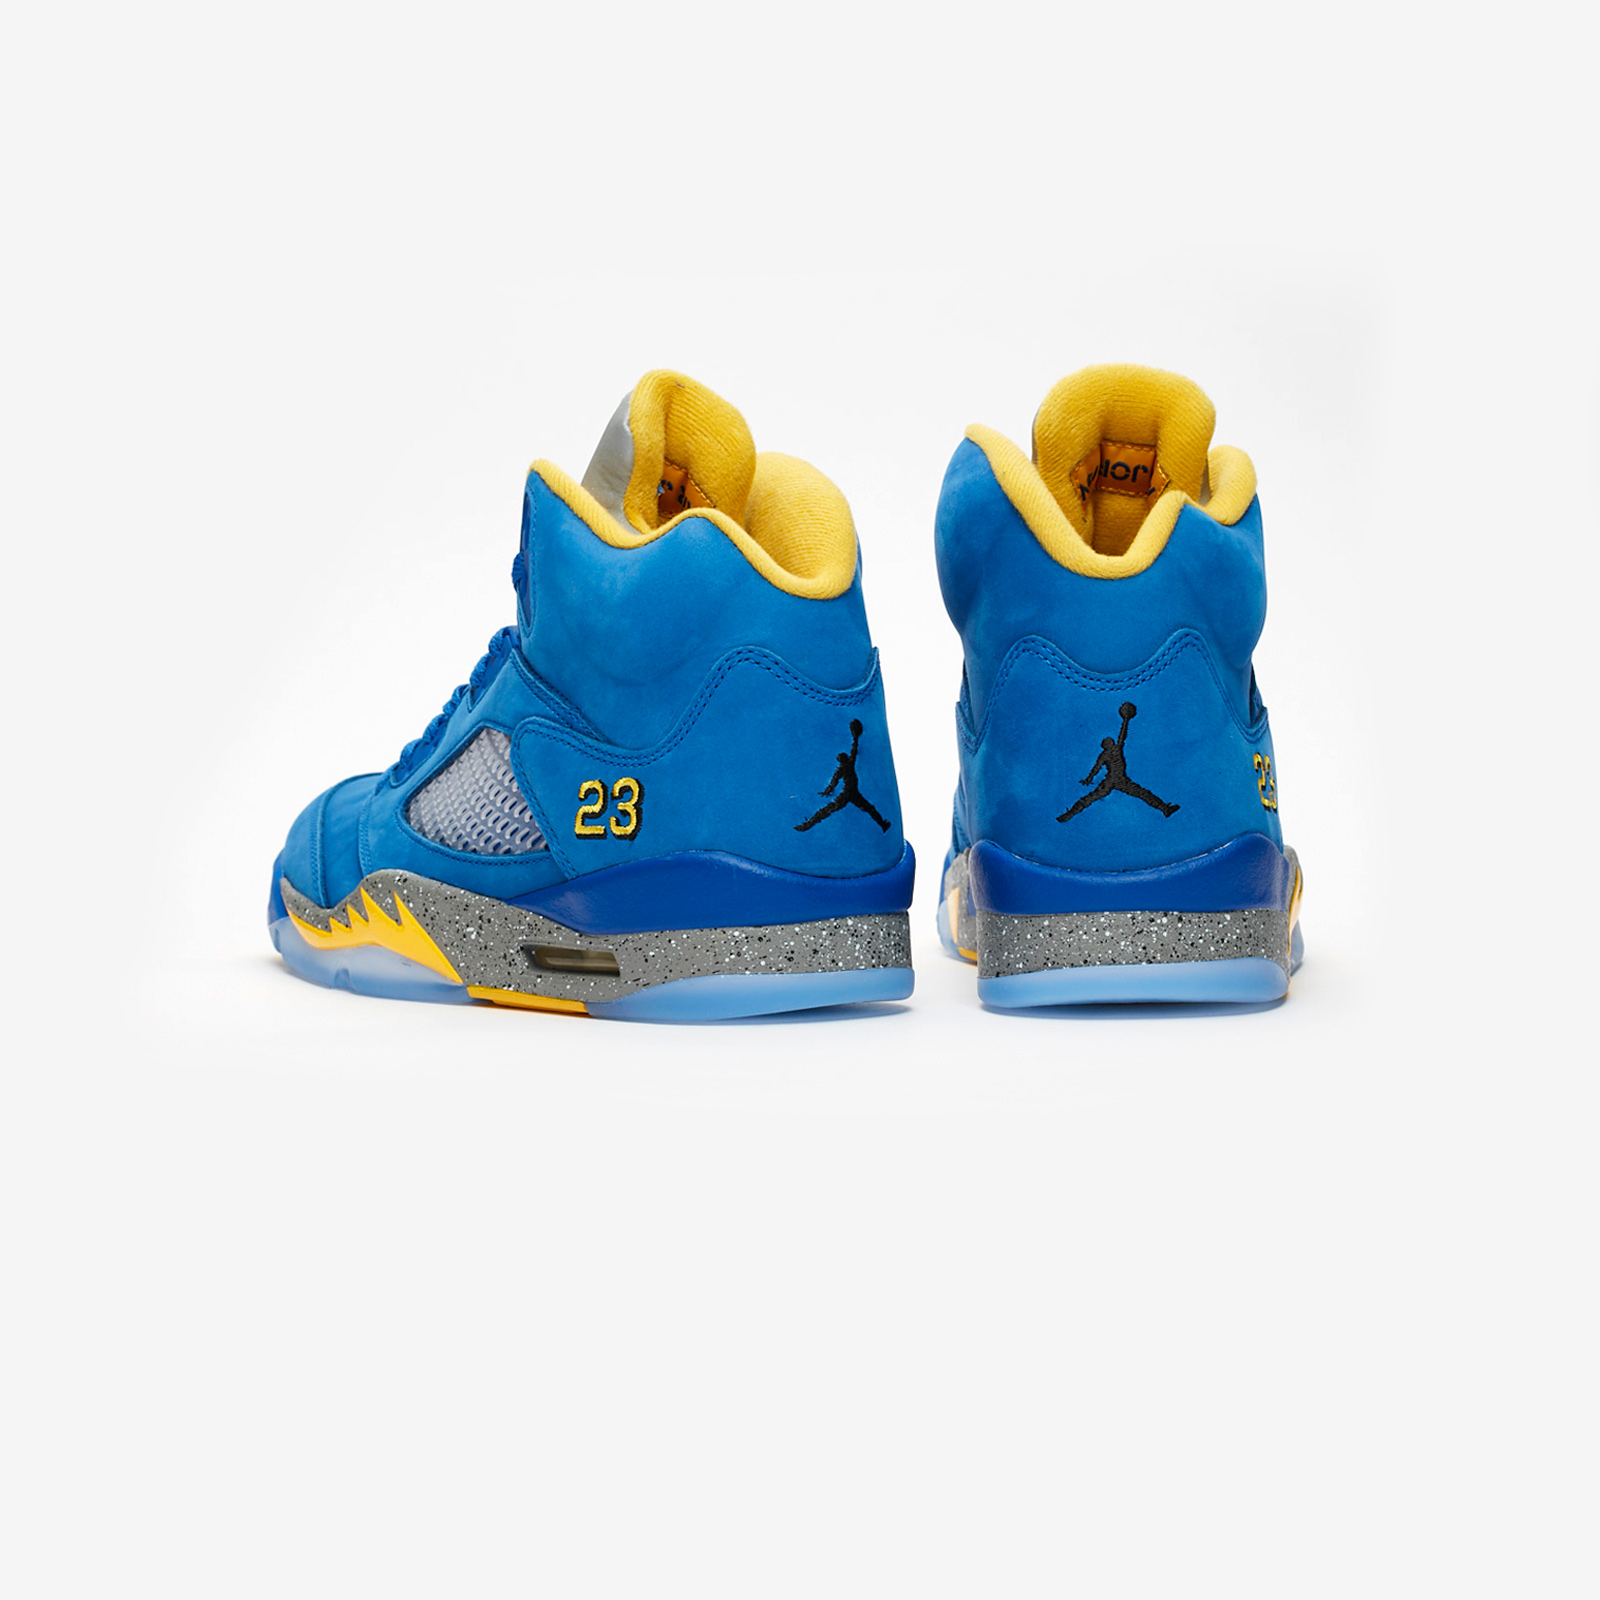 019acf3dc70c Jordan Brand Air Jordan 5 Laney - Cd2720-400 - Sneakersnstuff ...